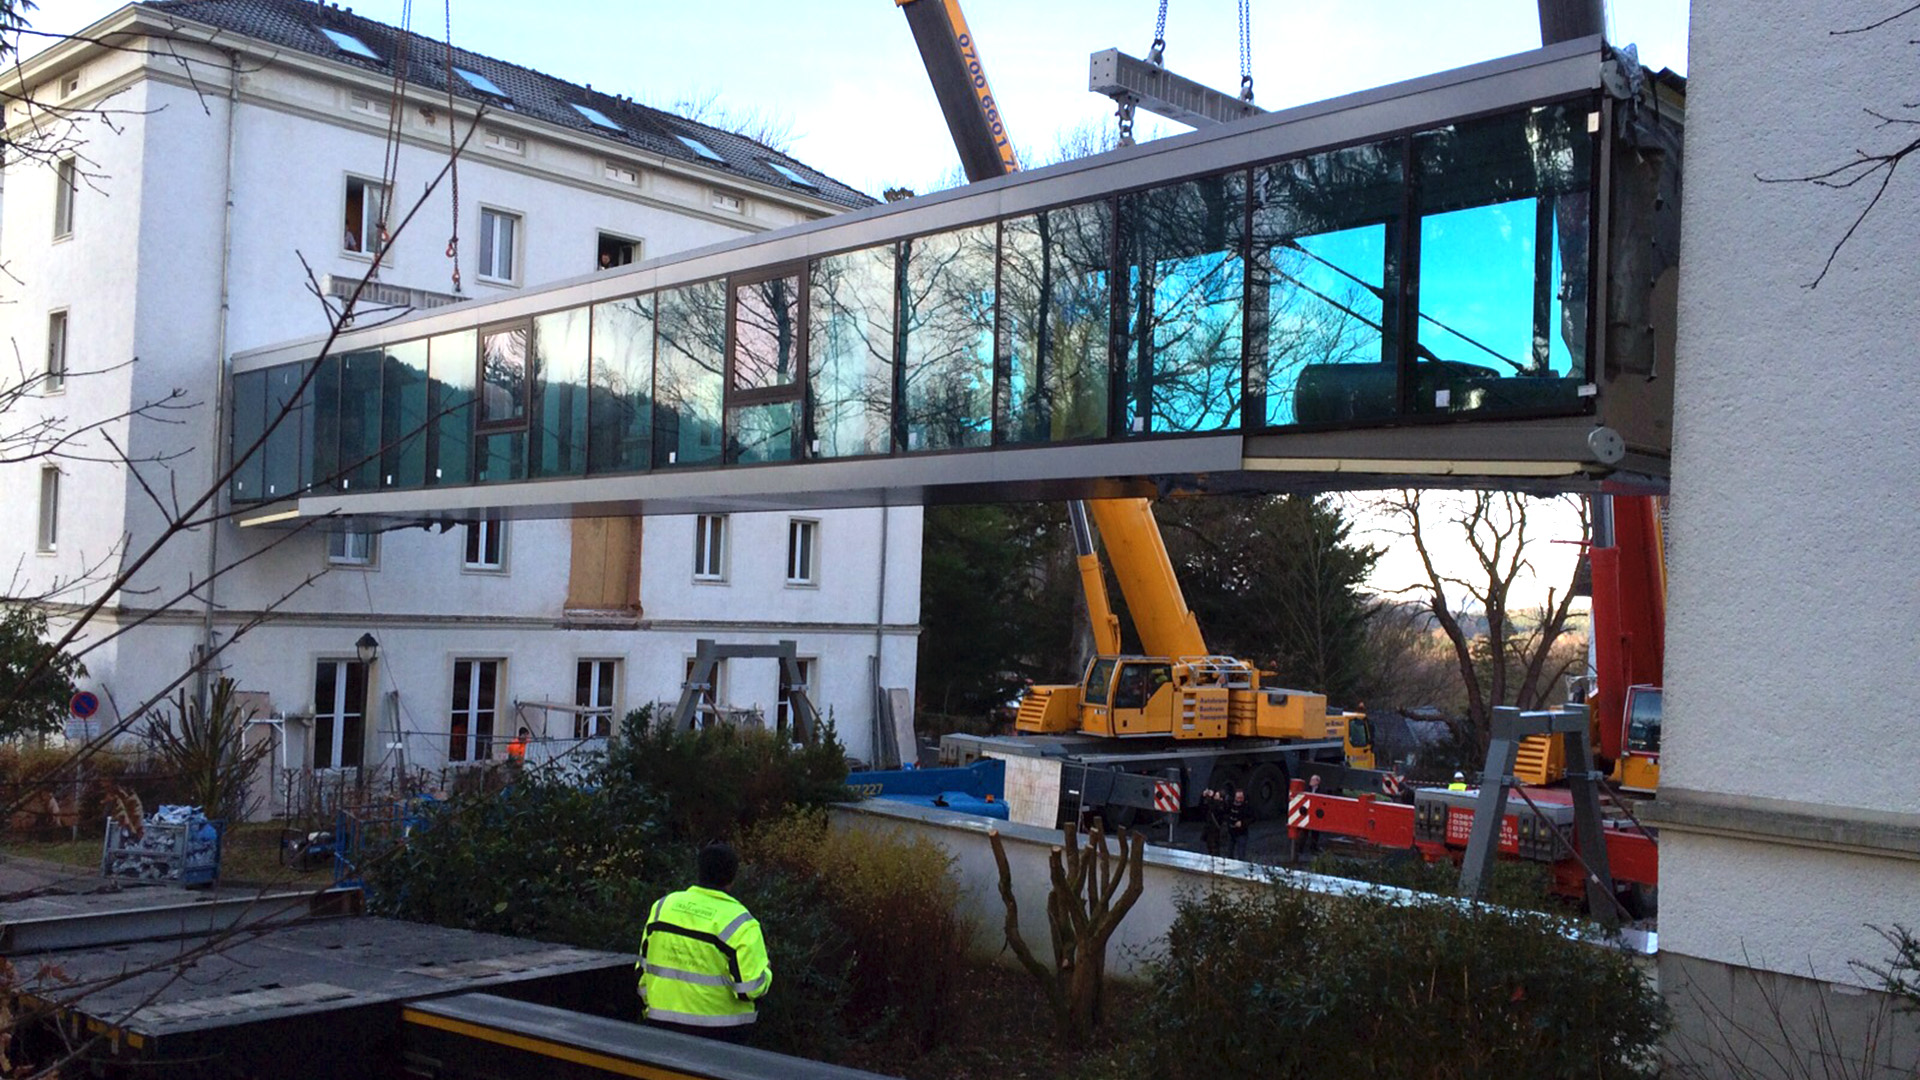 Einhub der Verbindungsbrücke aus Stahl und Glas in Friedrichroda